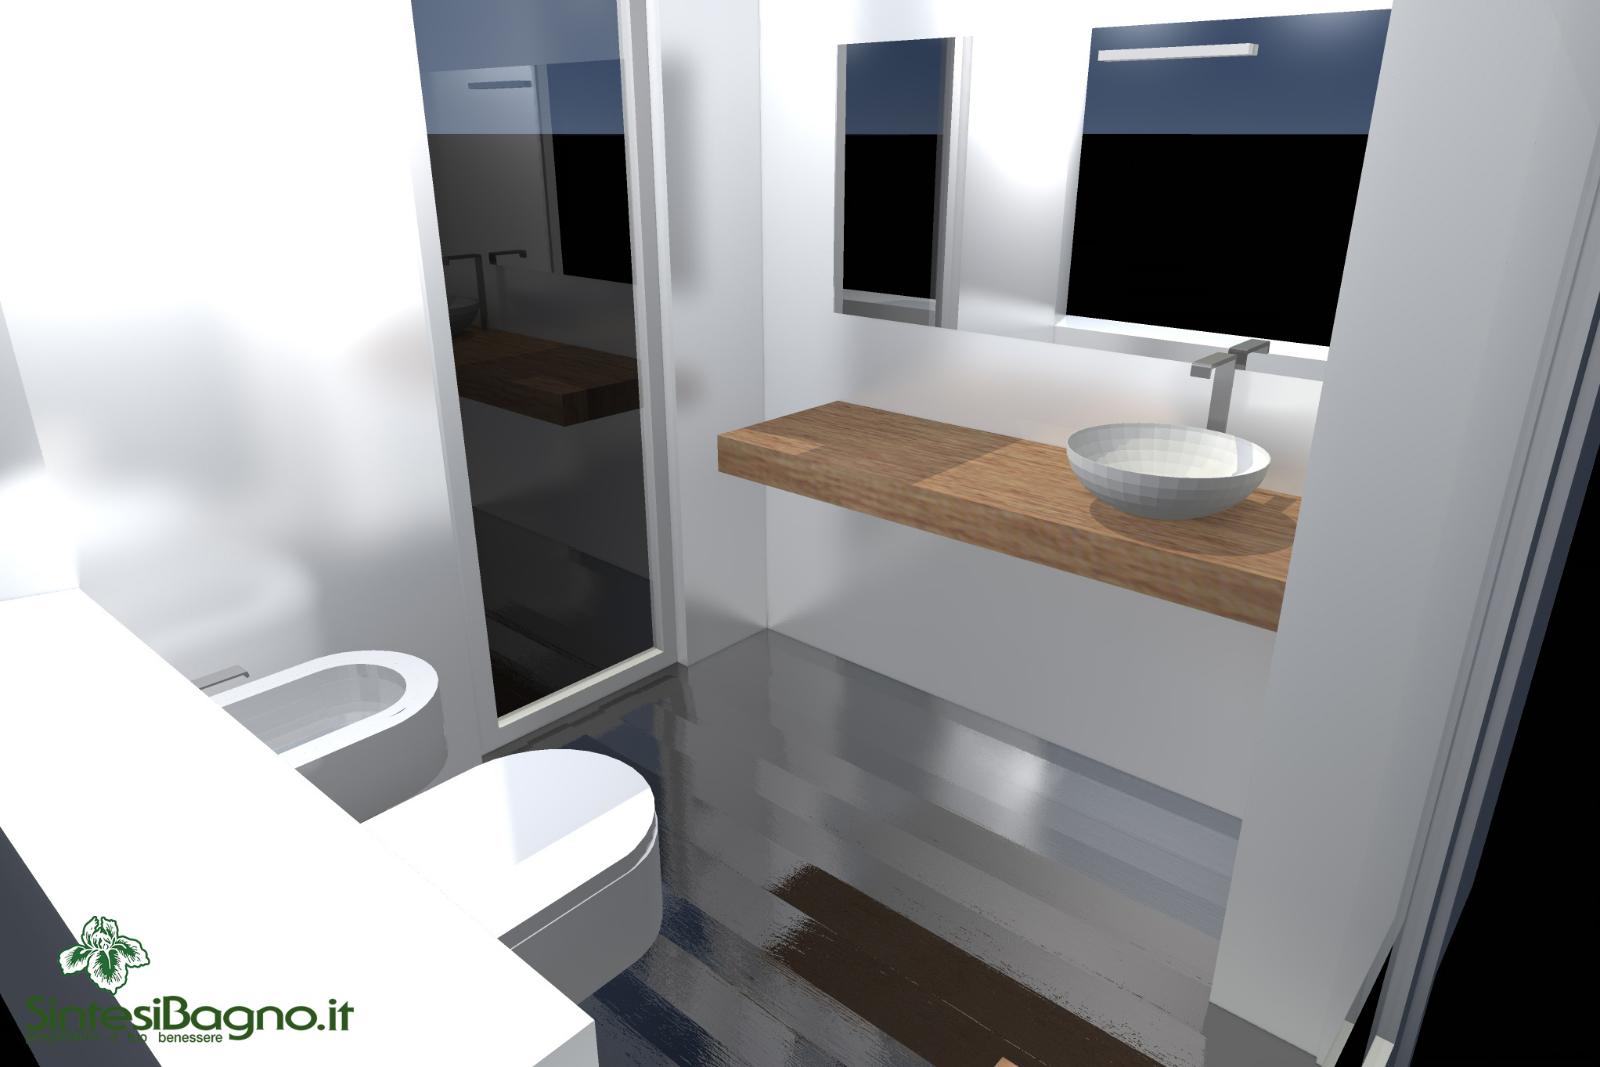 Prezzo Vasca Da Bagno Vogue : Lavabo bagno vetroresina bagno materiali superfici linee che